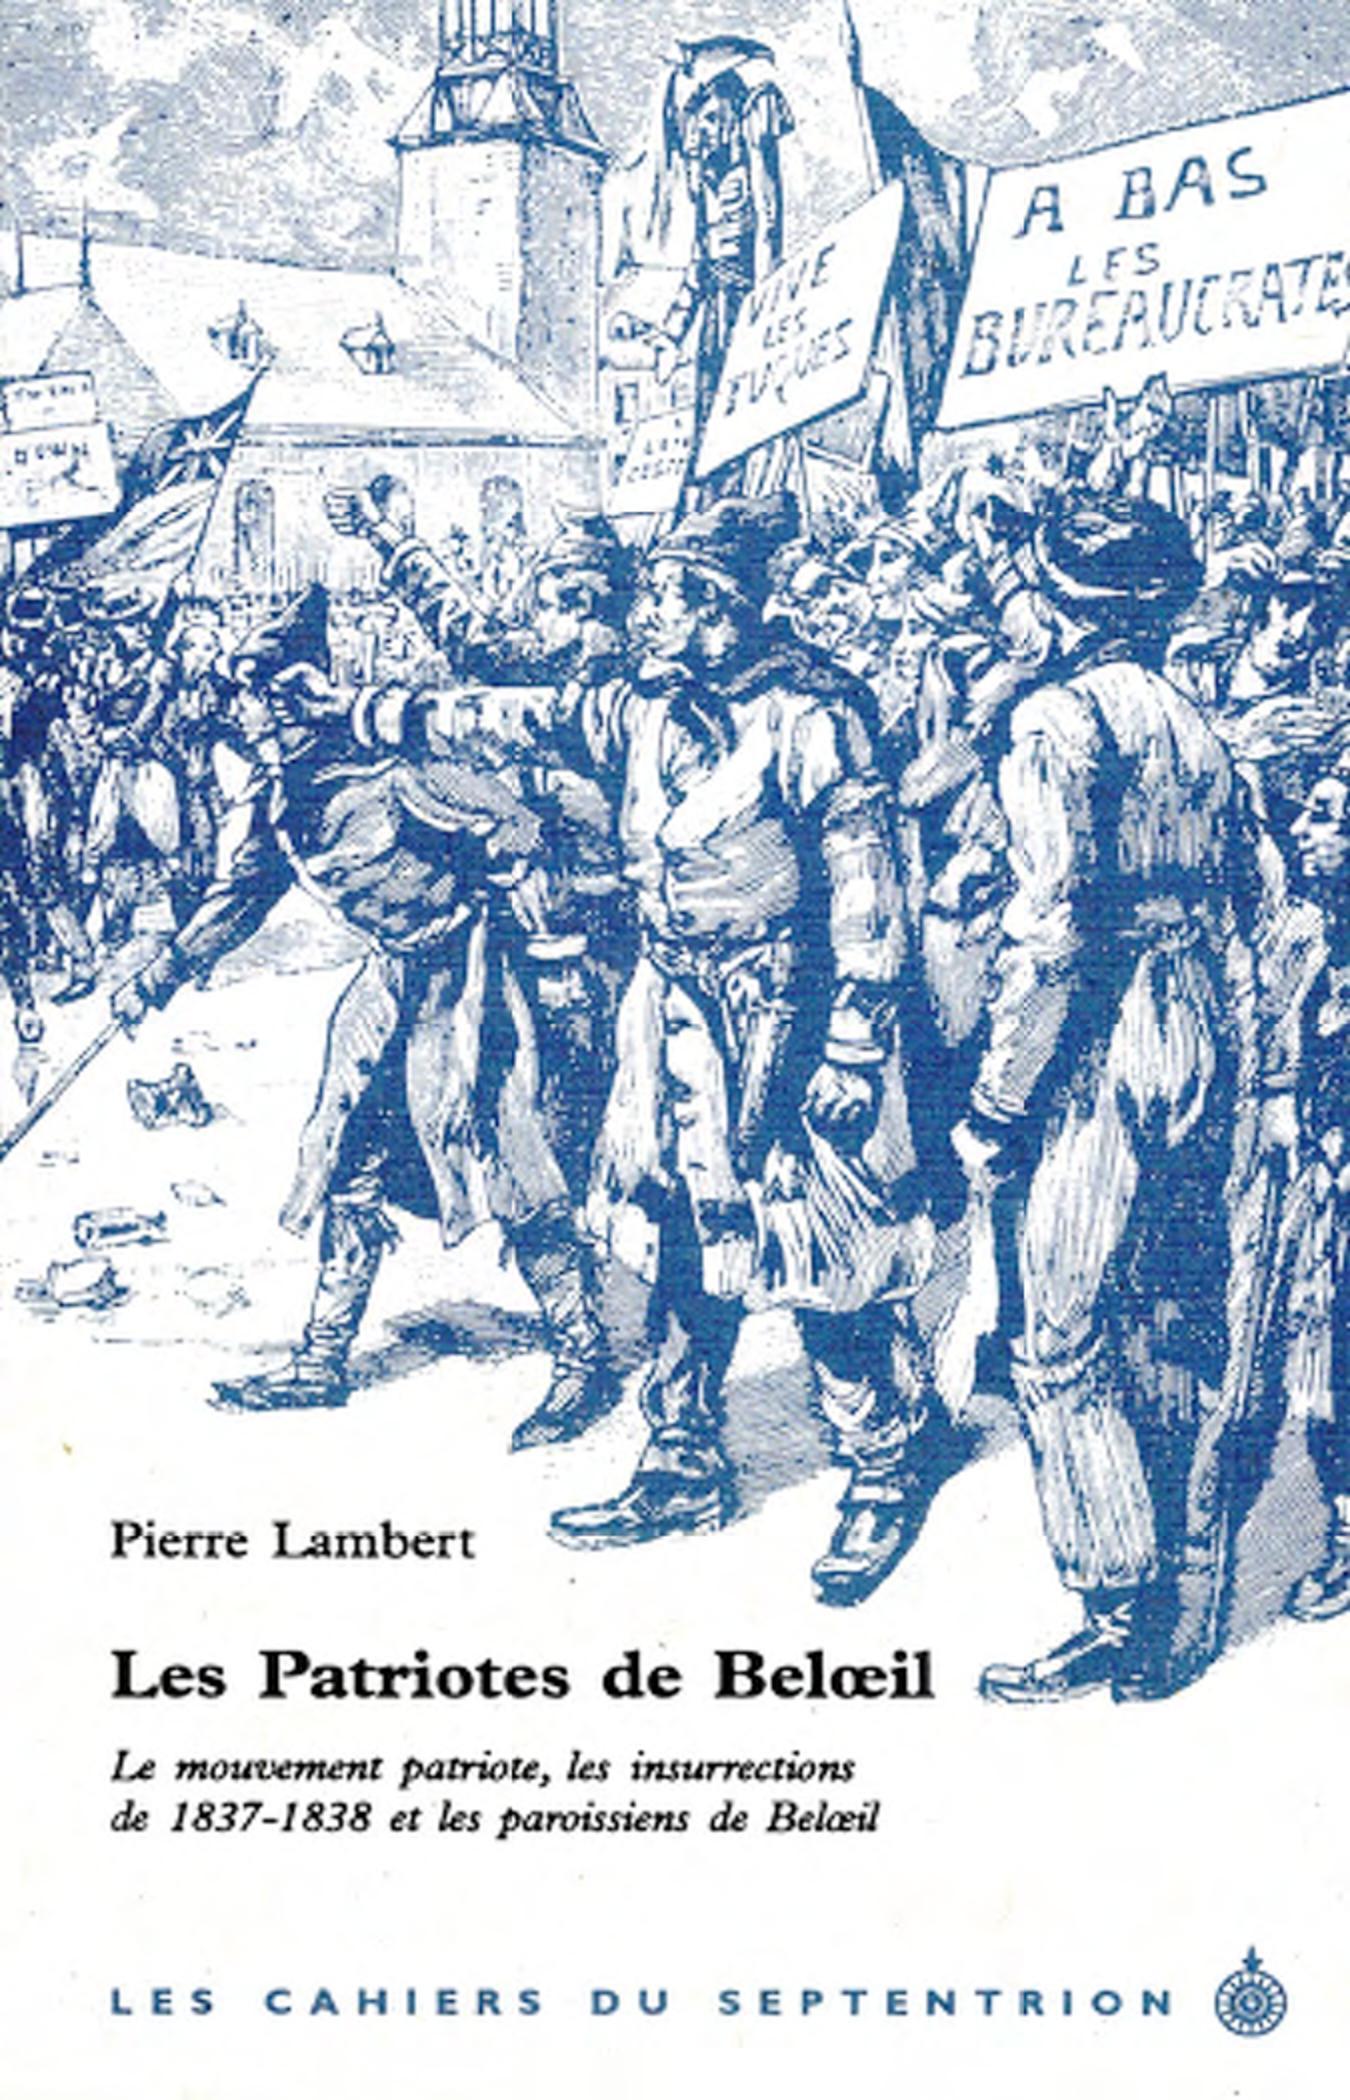 Les Patriotes de Beloeil